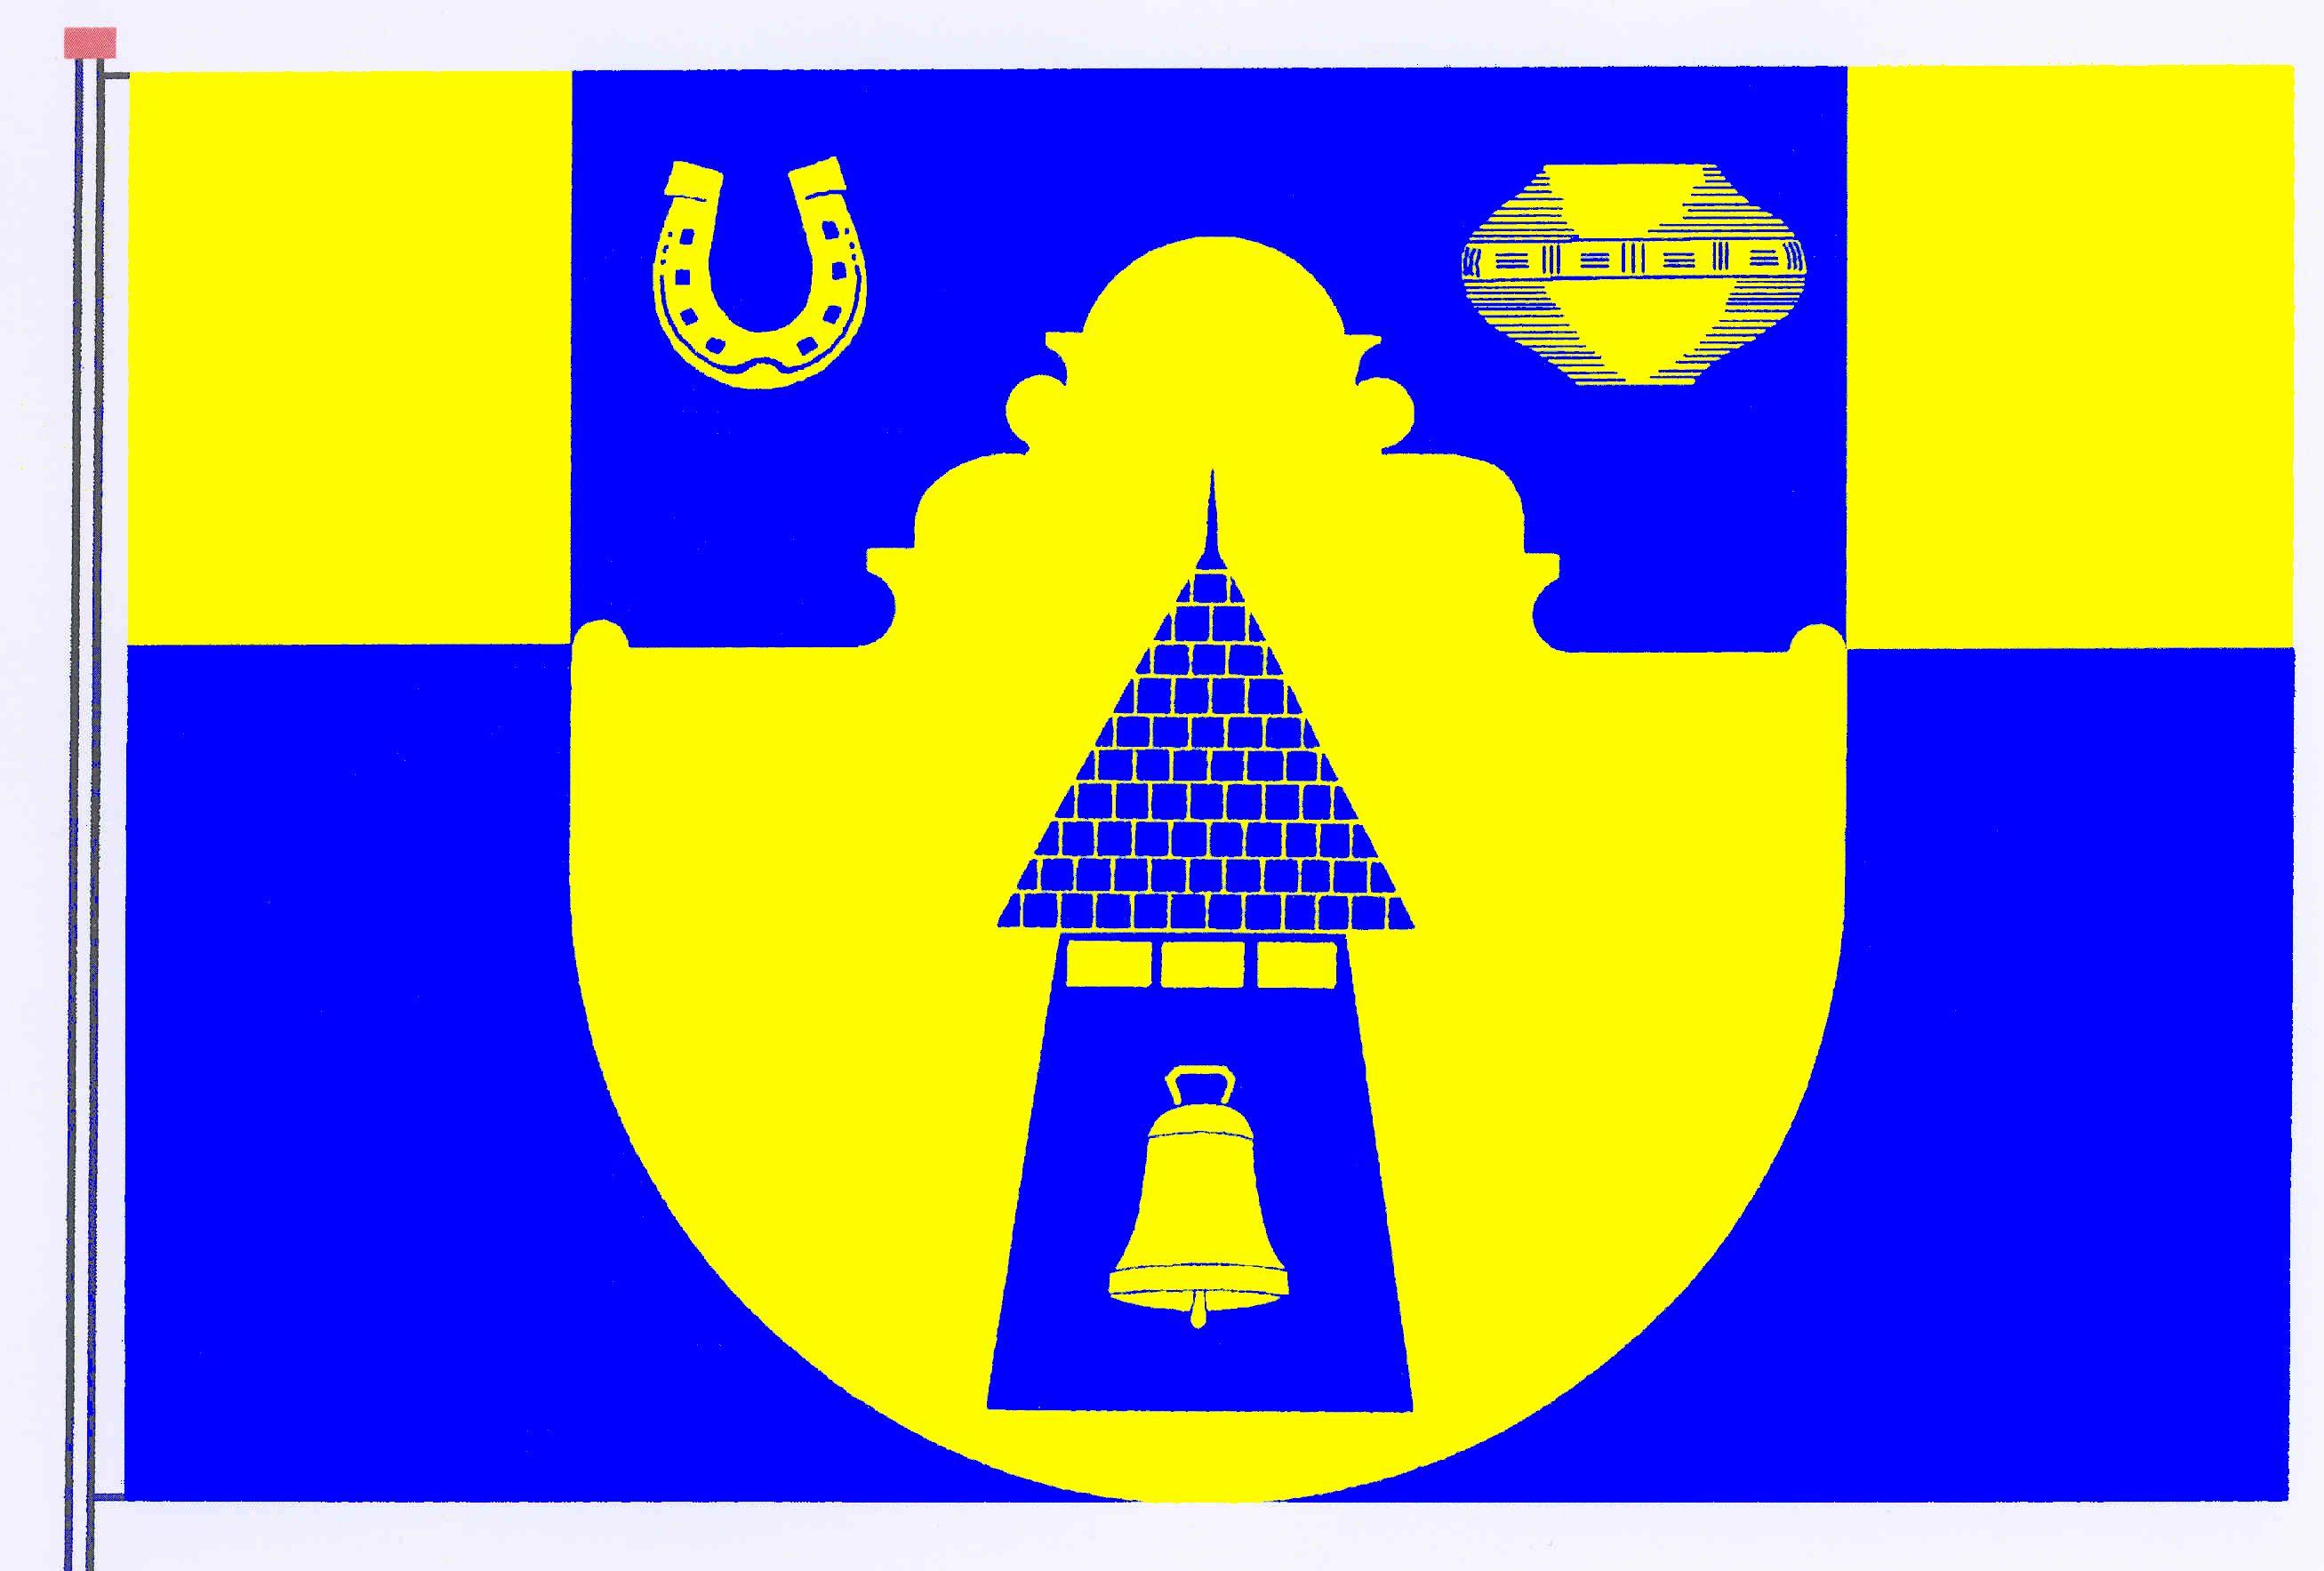 Flagge GemeindeNorderbrarup, Kreis Schleswig-Flensburg